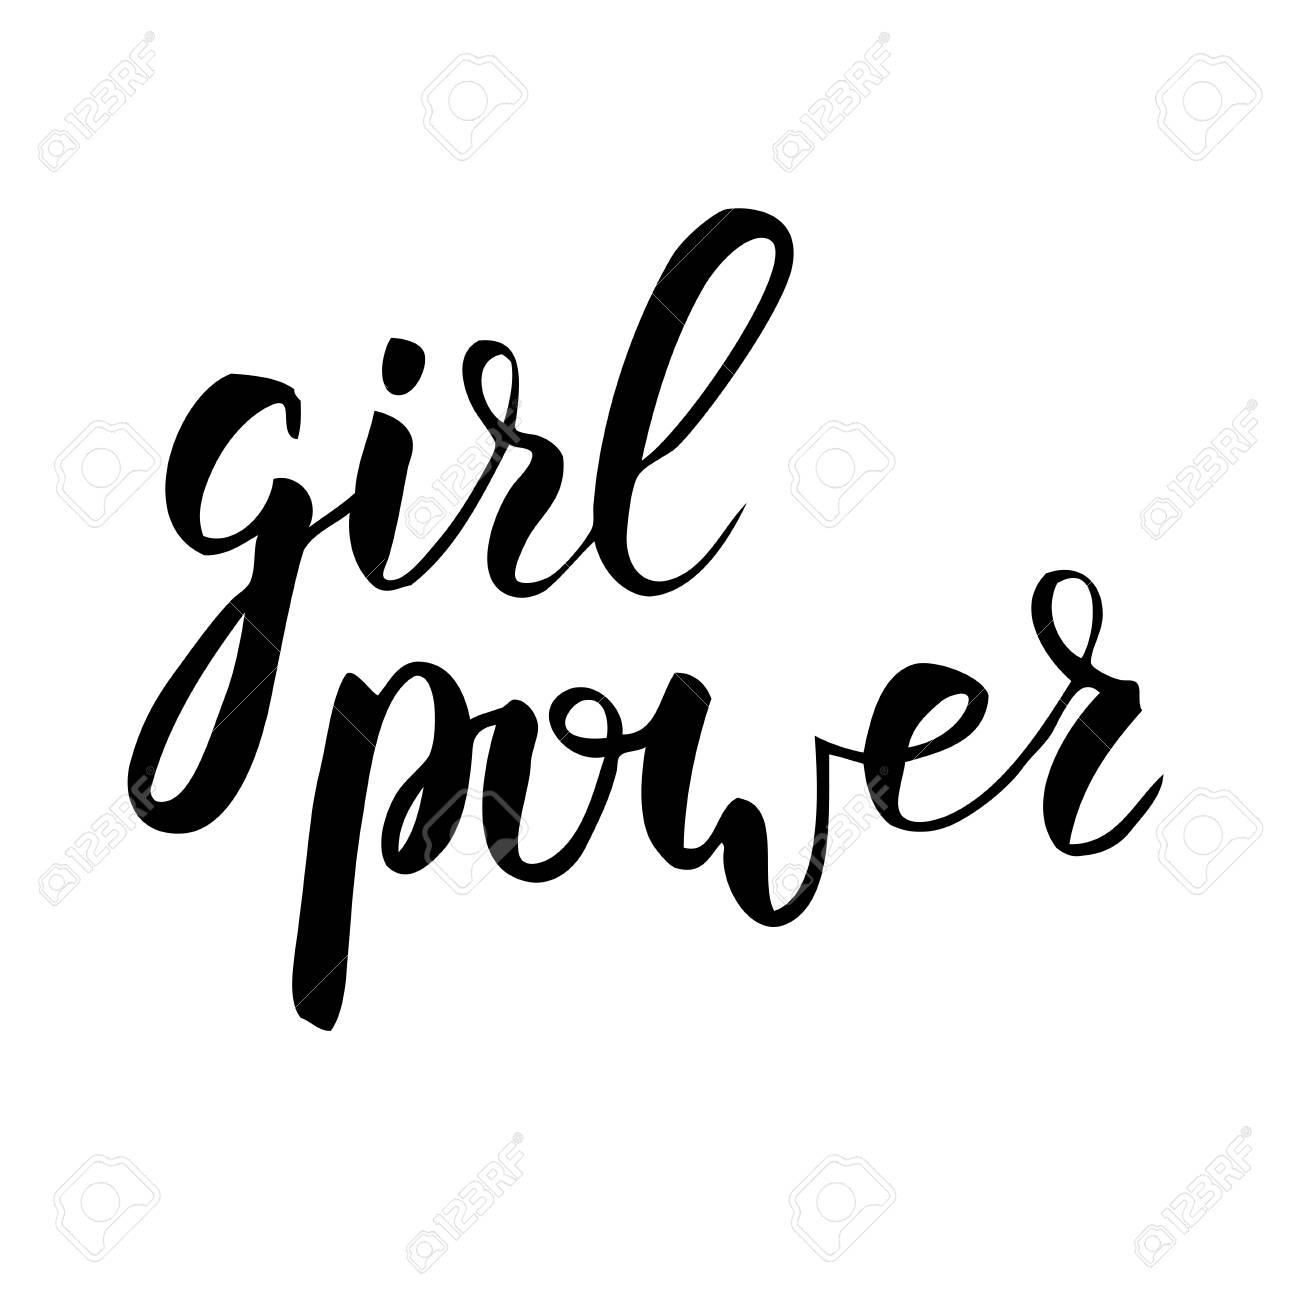 Girl power handwritten phrase Modern calligraphy lettering - 97225030